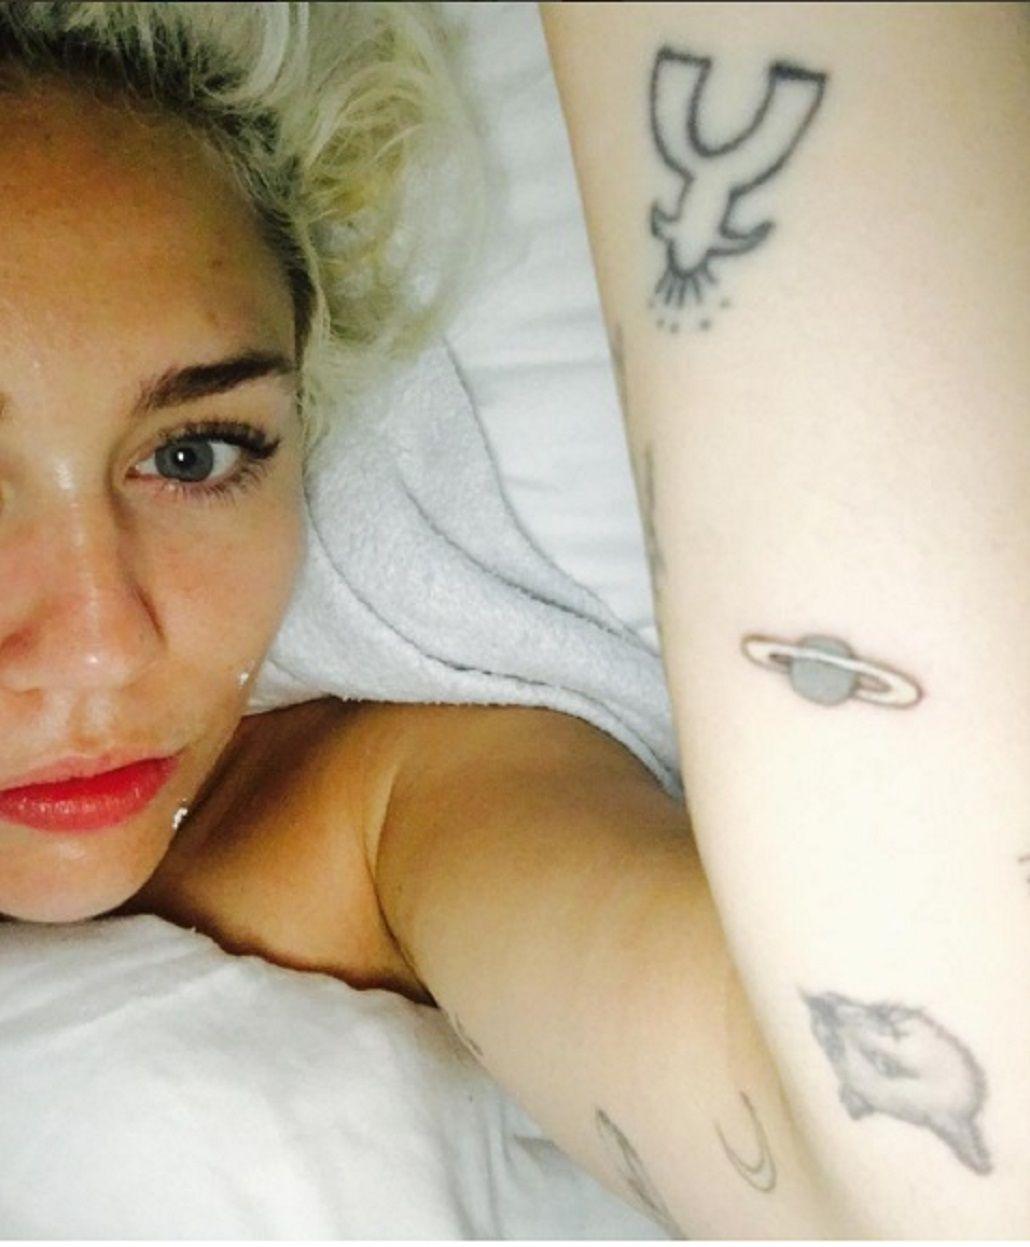 El tremendo error en un tatuaje de Miley Cyrus que se hizo viral